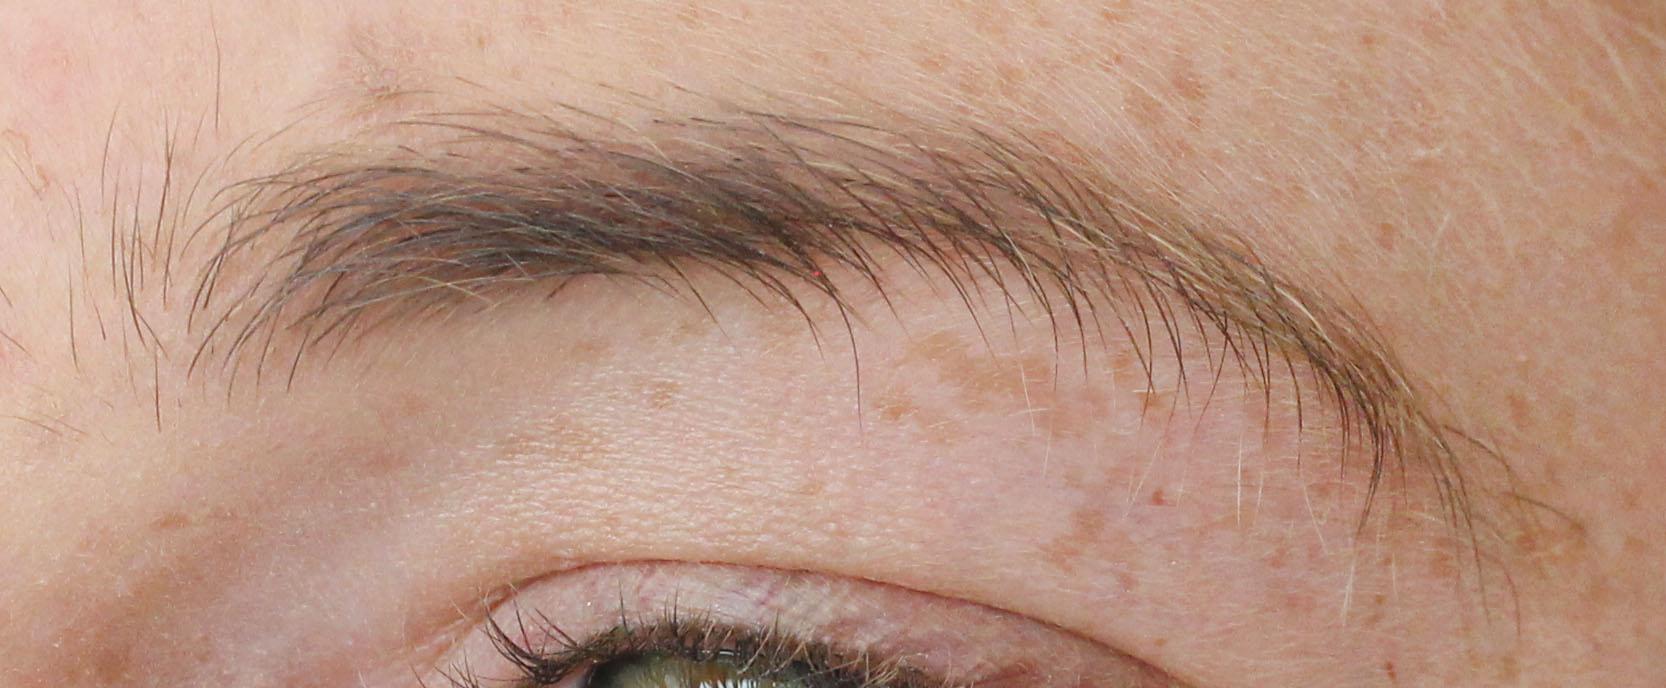 trimma ögonbryn män